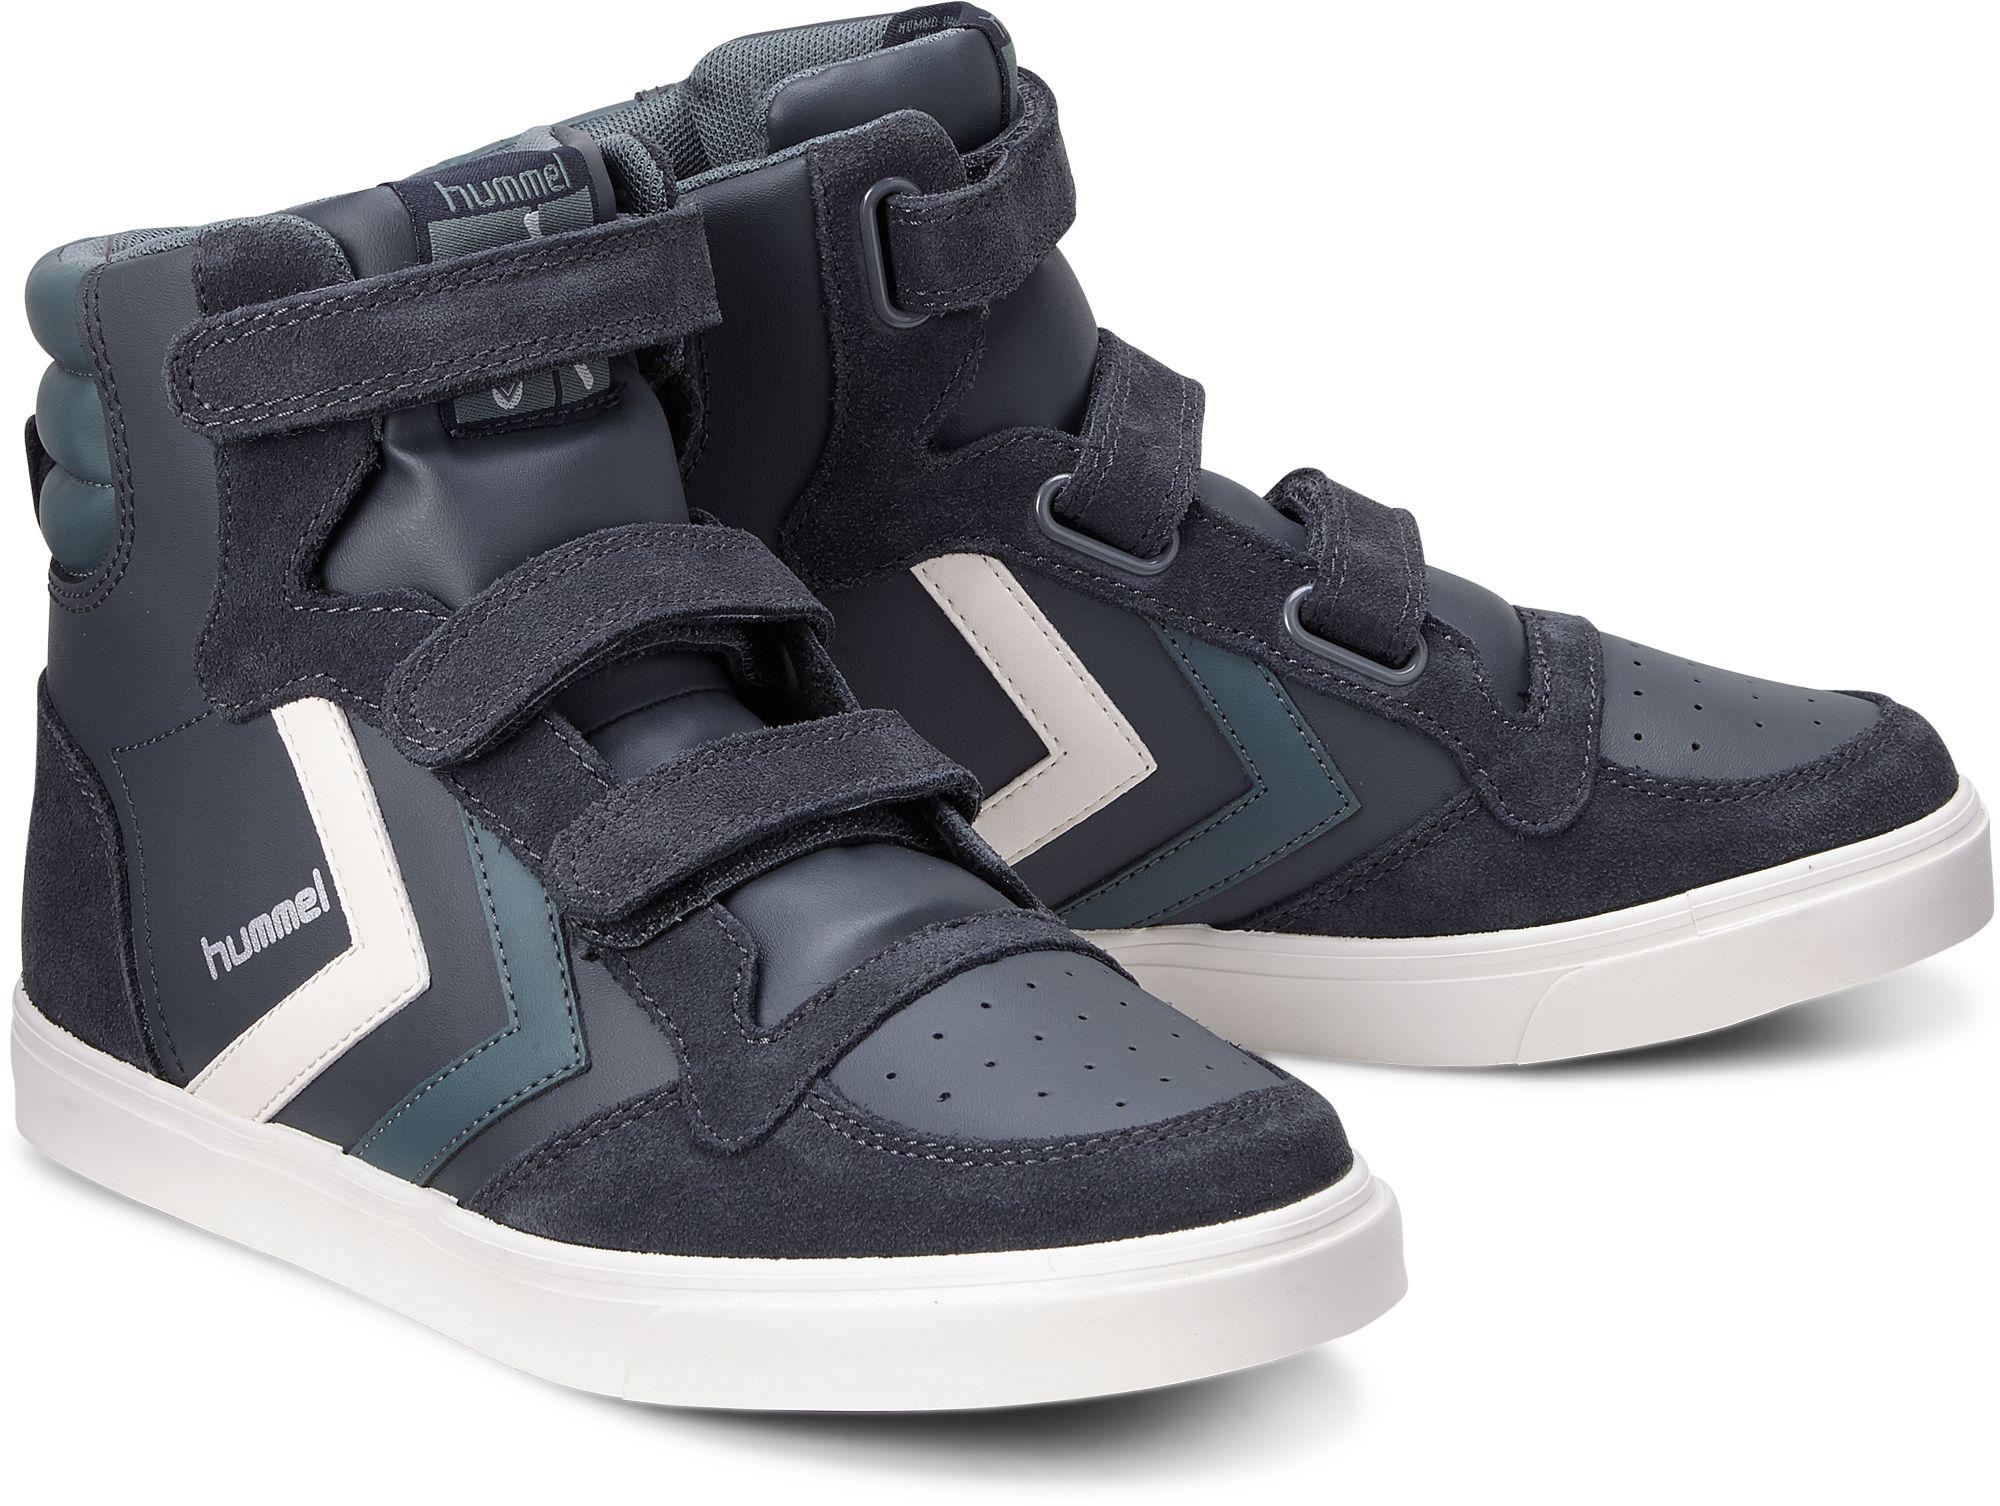 newest 06113 bdc51 Schuhe online kaufen